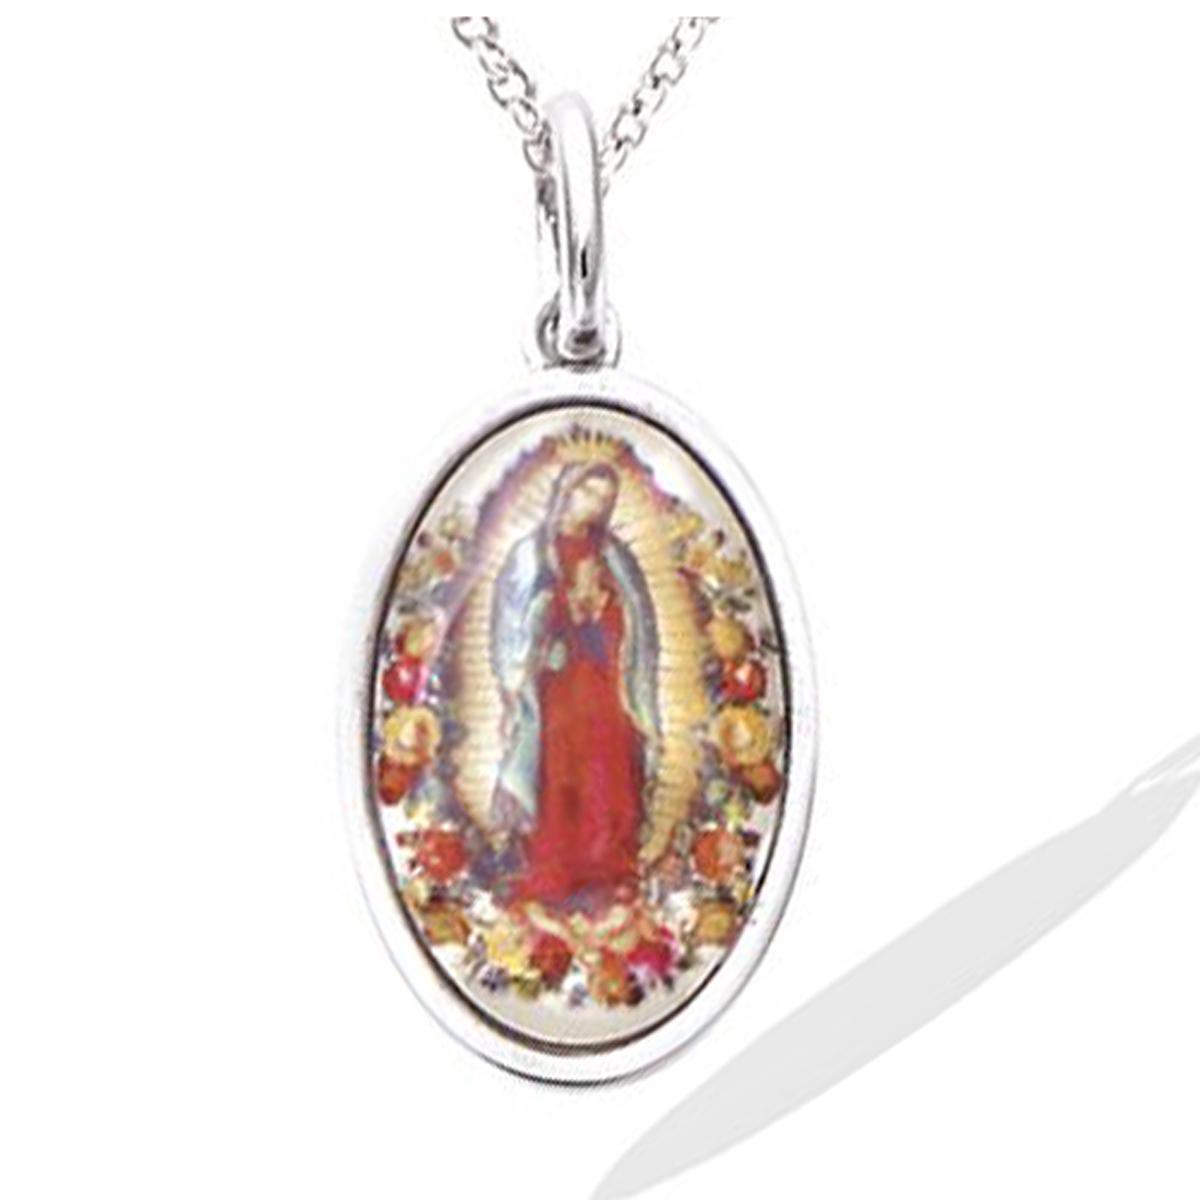 Pendentif argent \'Vierge Marie\' multicolore argenté (rhodié) - 18x12 mm - [R4186]